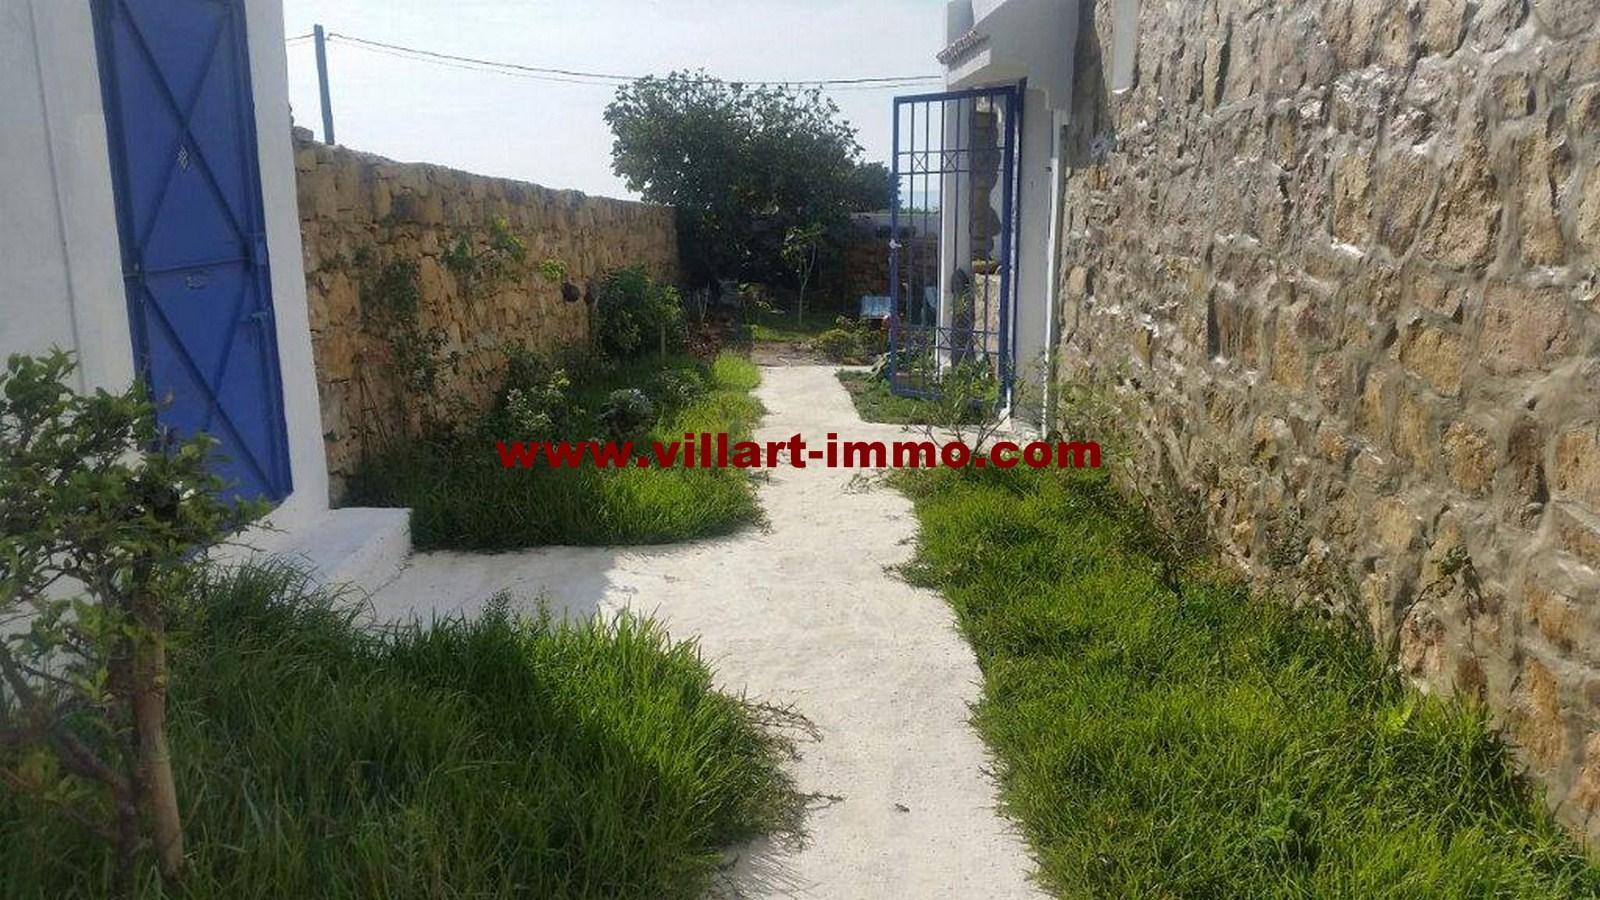 14-vente-villa-tanger-autres-jardin-vv454-villart-immo